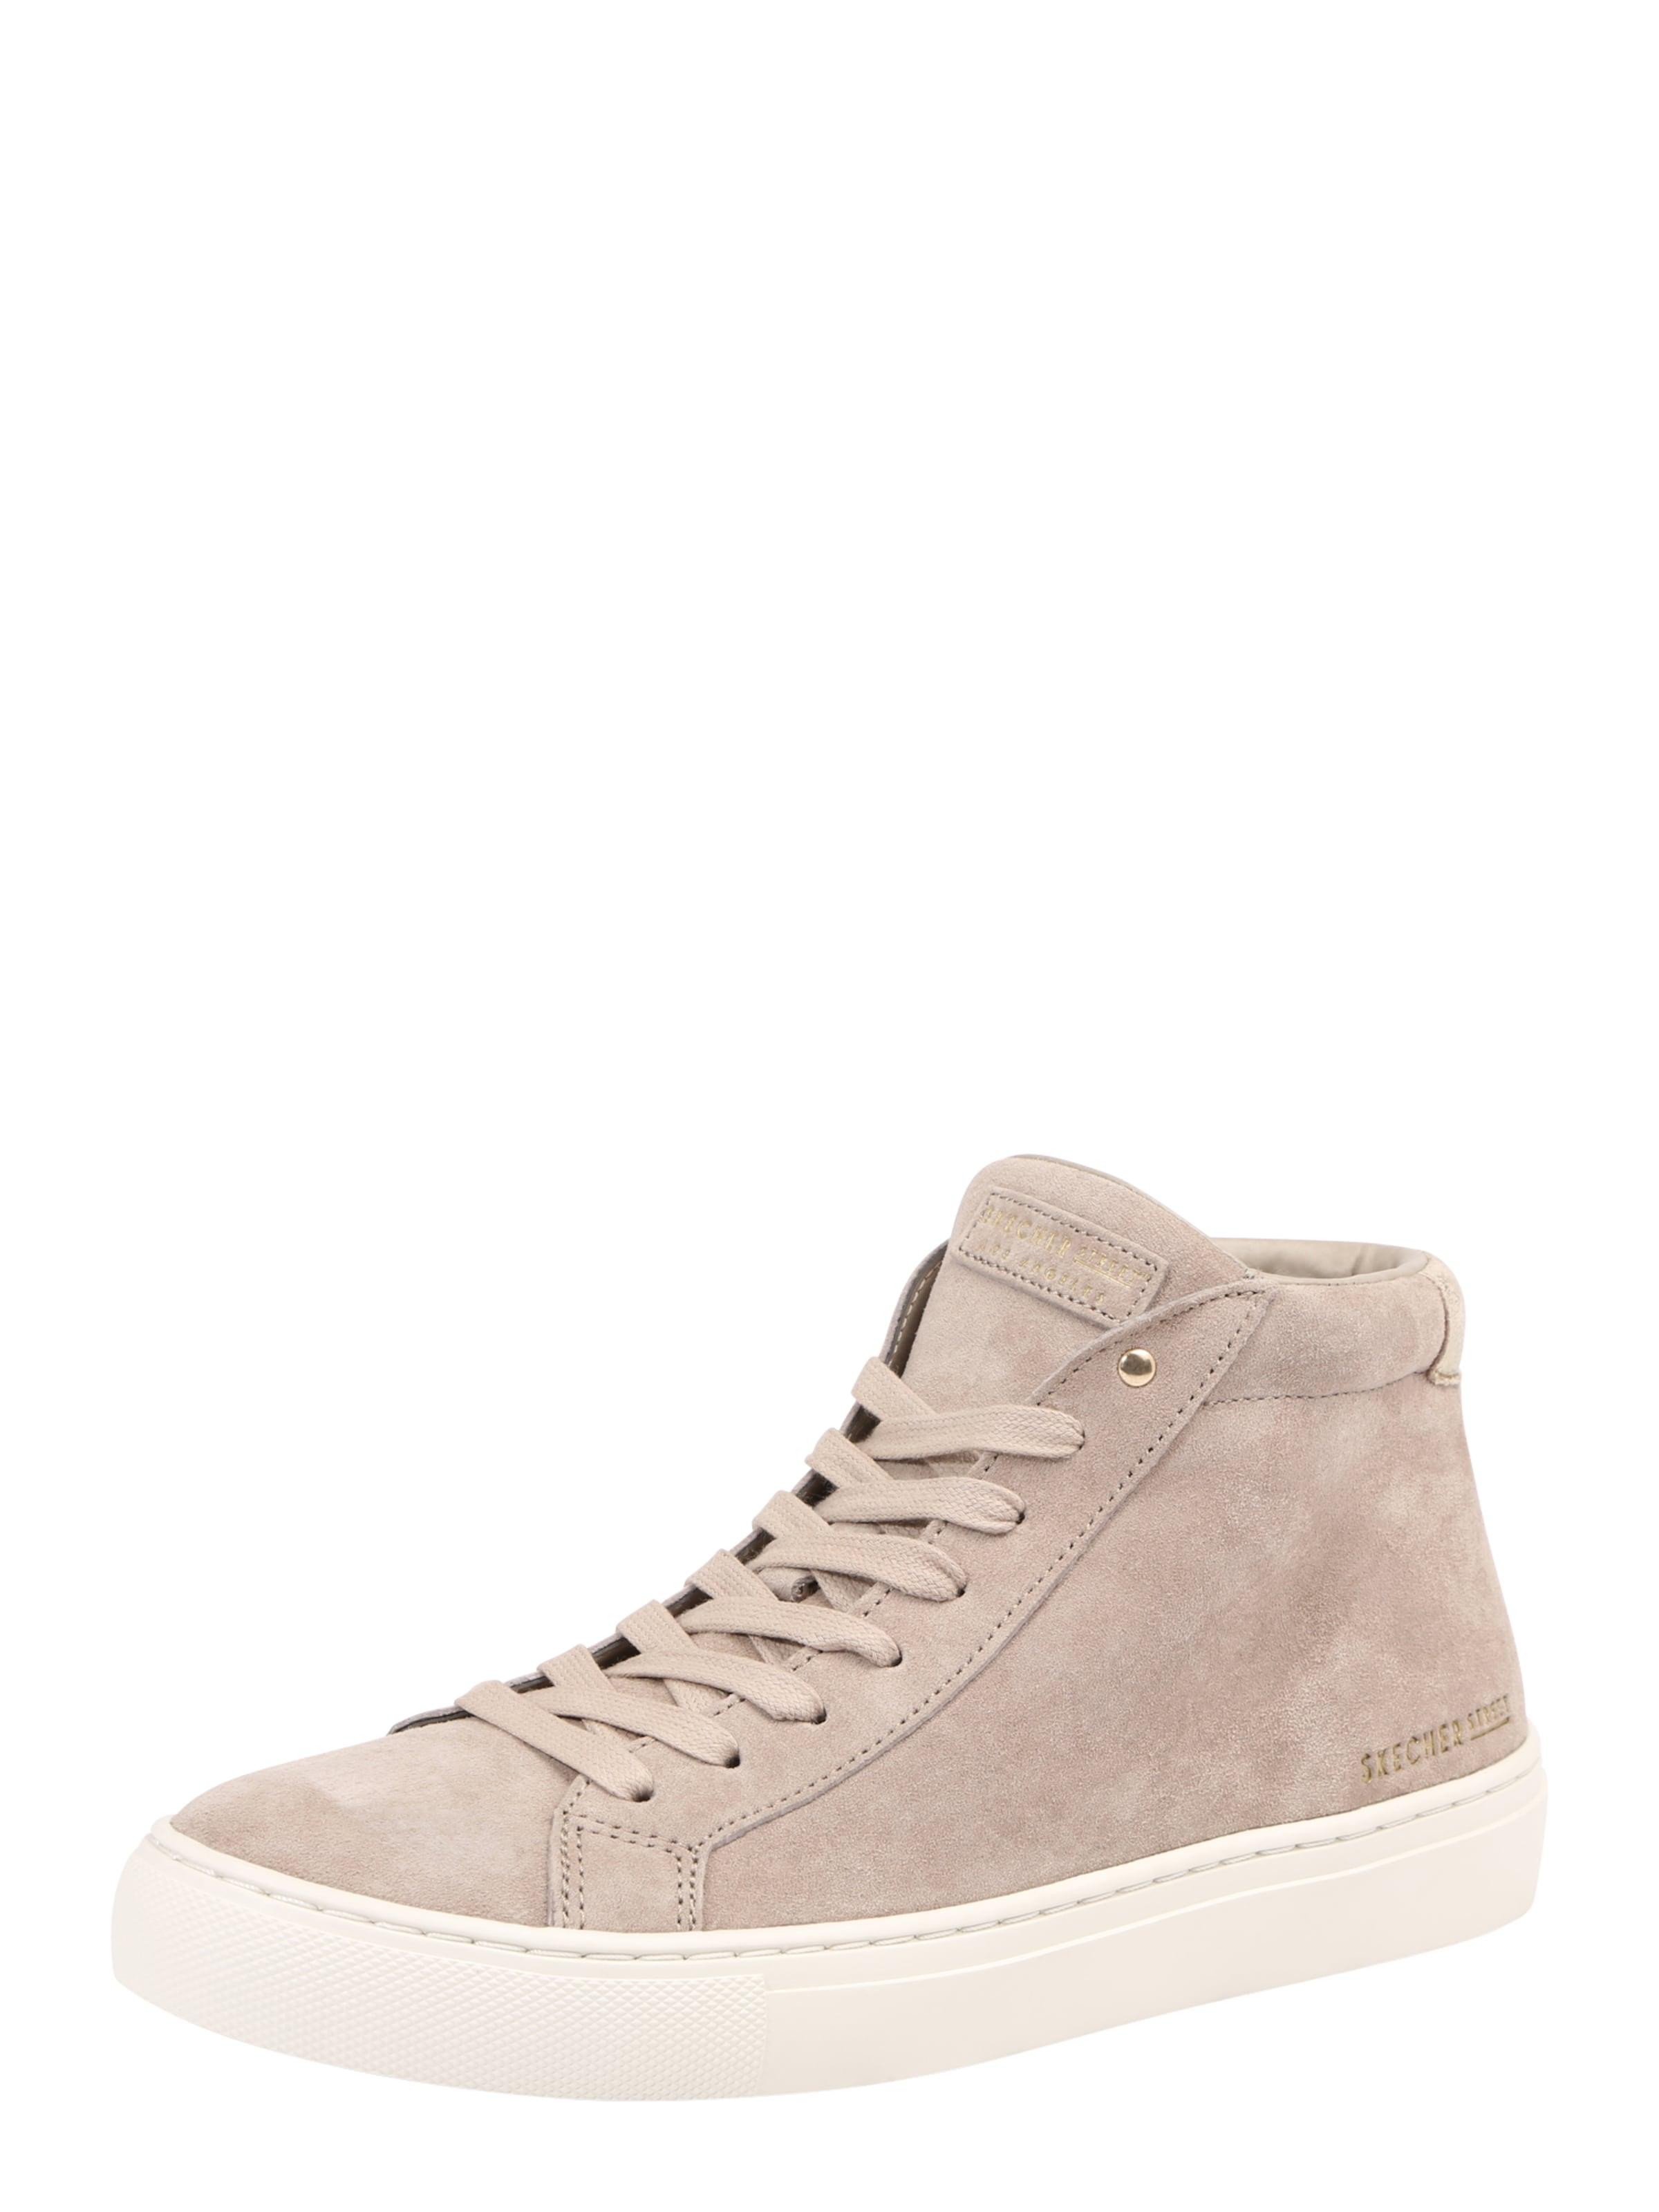 SKECHERS Sneaker SIDE STREET Verschleißfeste billige Schuhe